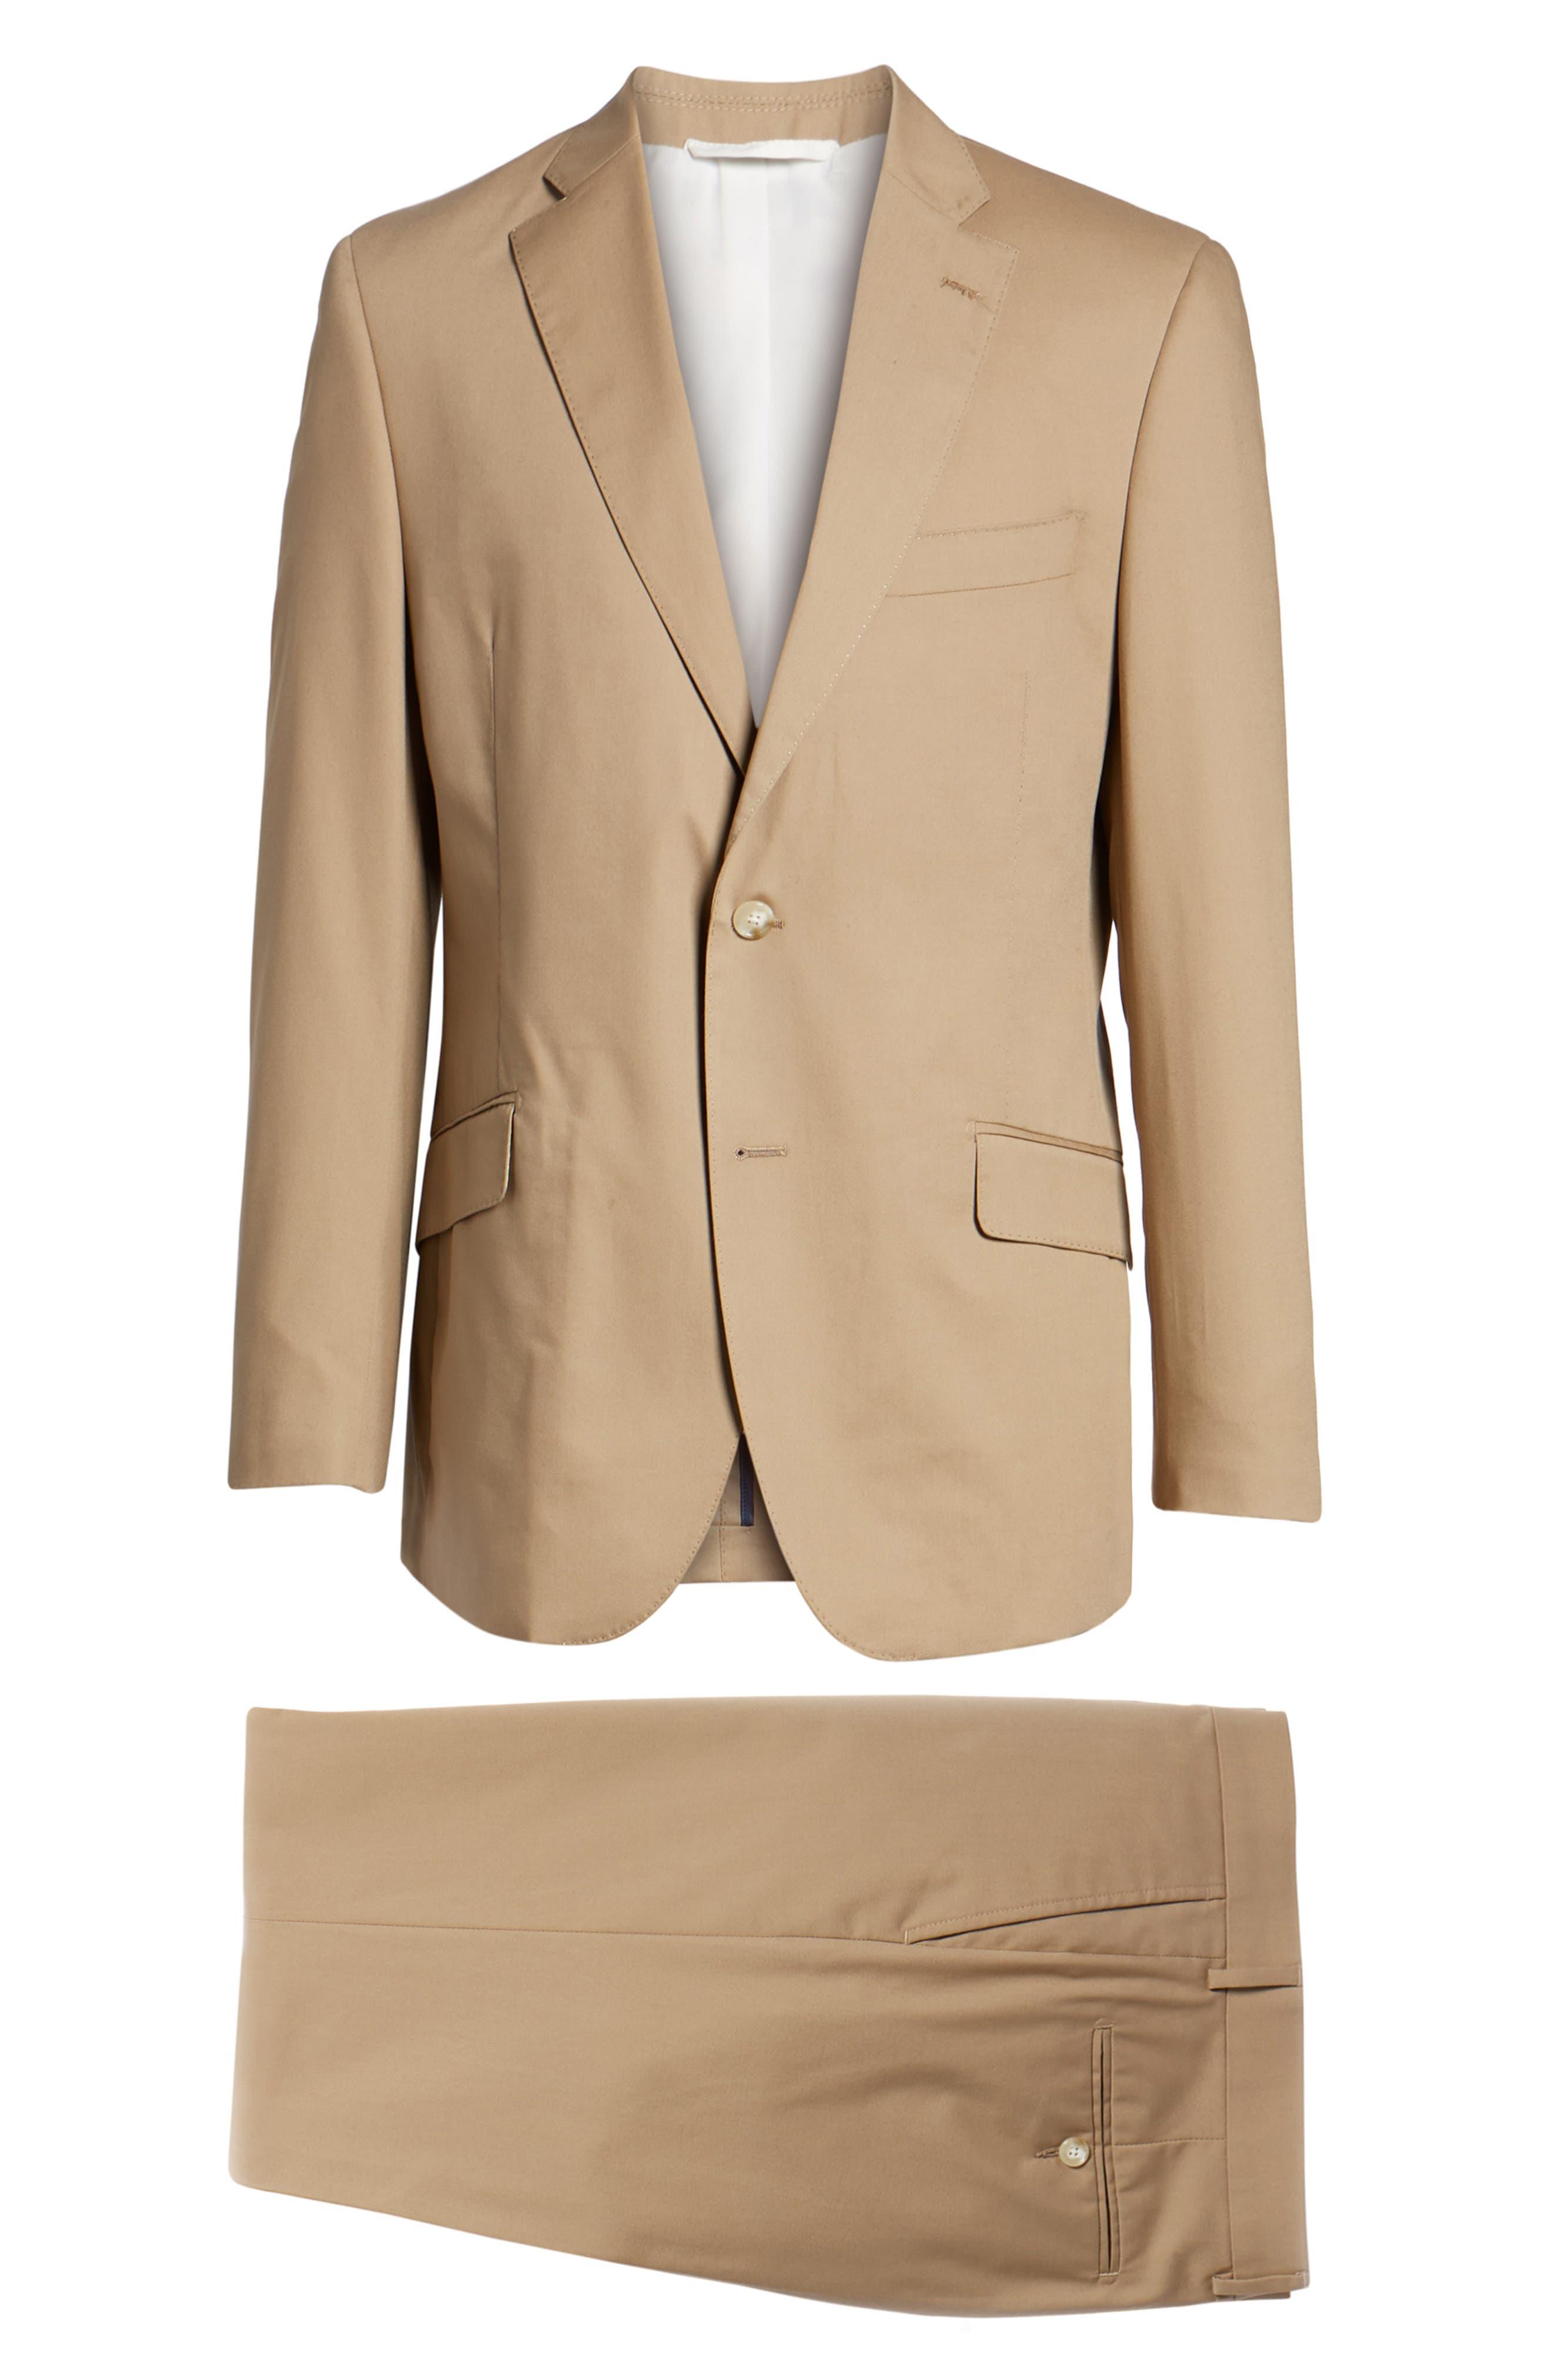 Irons AIM Classic Fit Solid Cotton Blend Suit,                             Alternate thumbnail 8, color,                             252